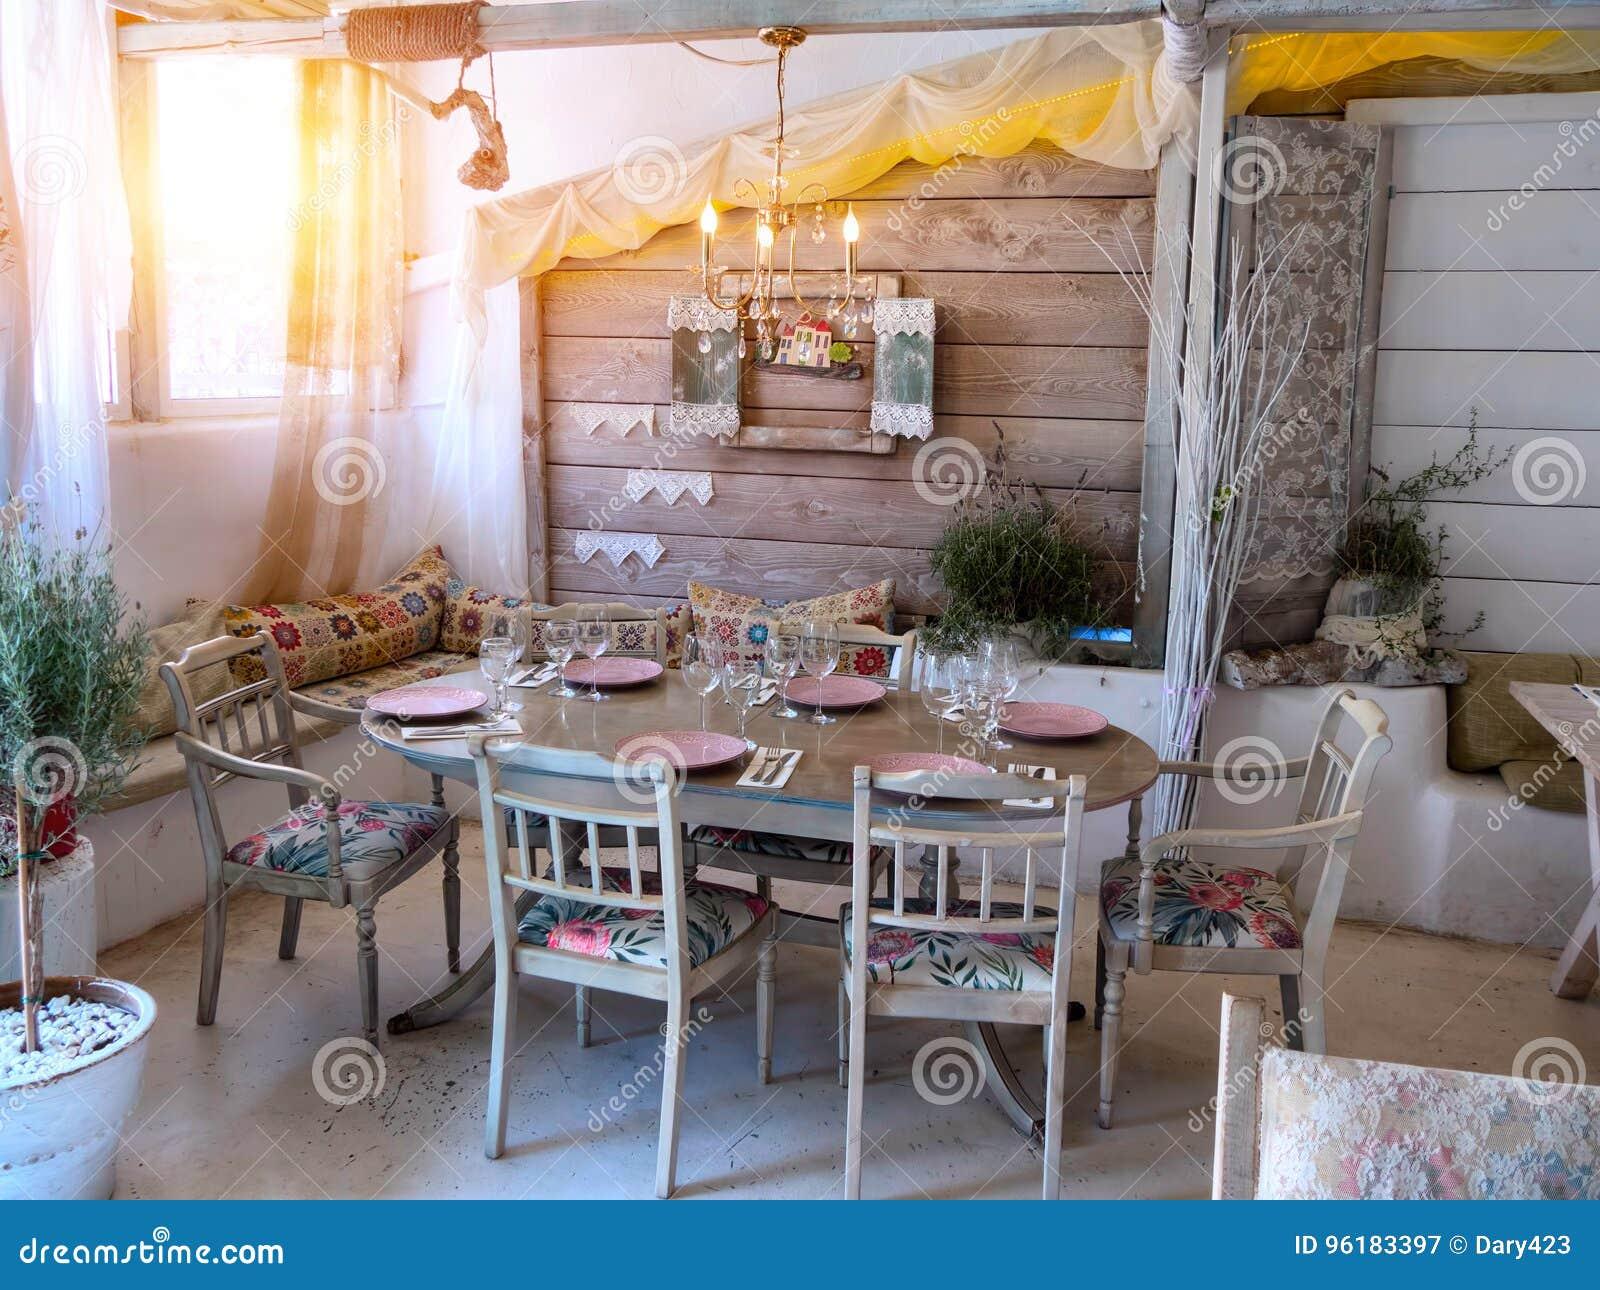 Sala Da Pranzo Rustica : Una piccola sala da pranzo in una casa rustica immagine stock